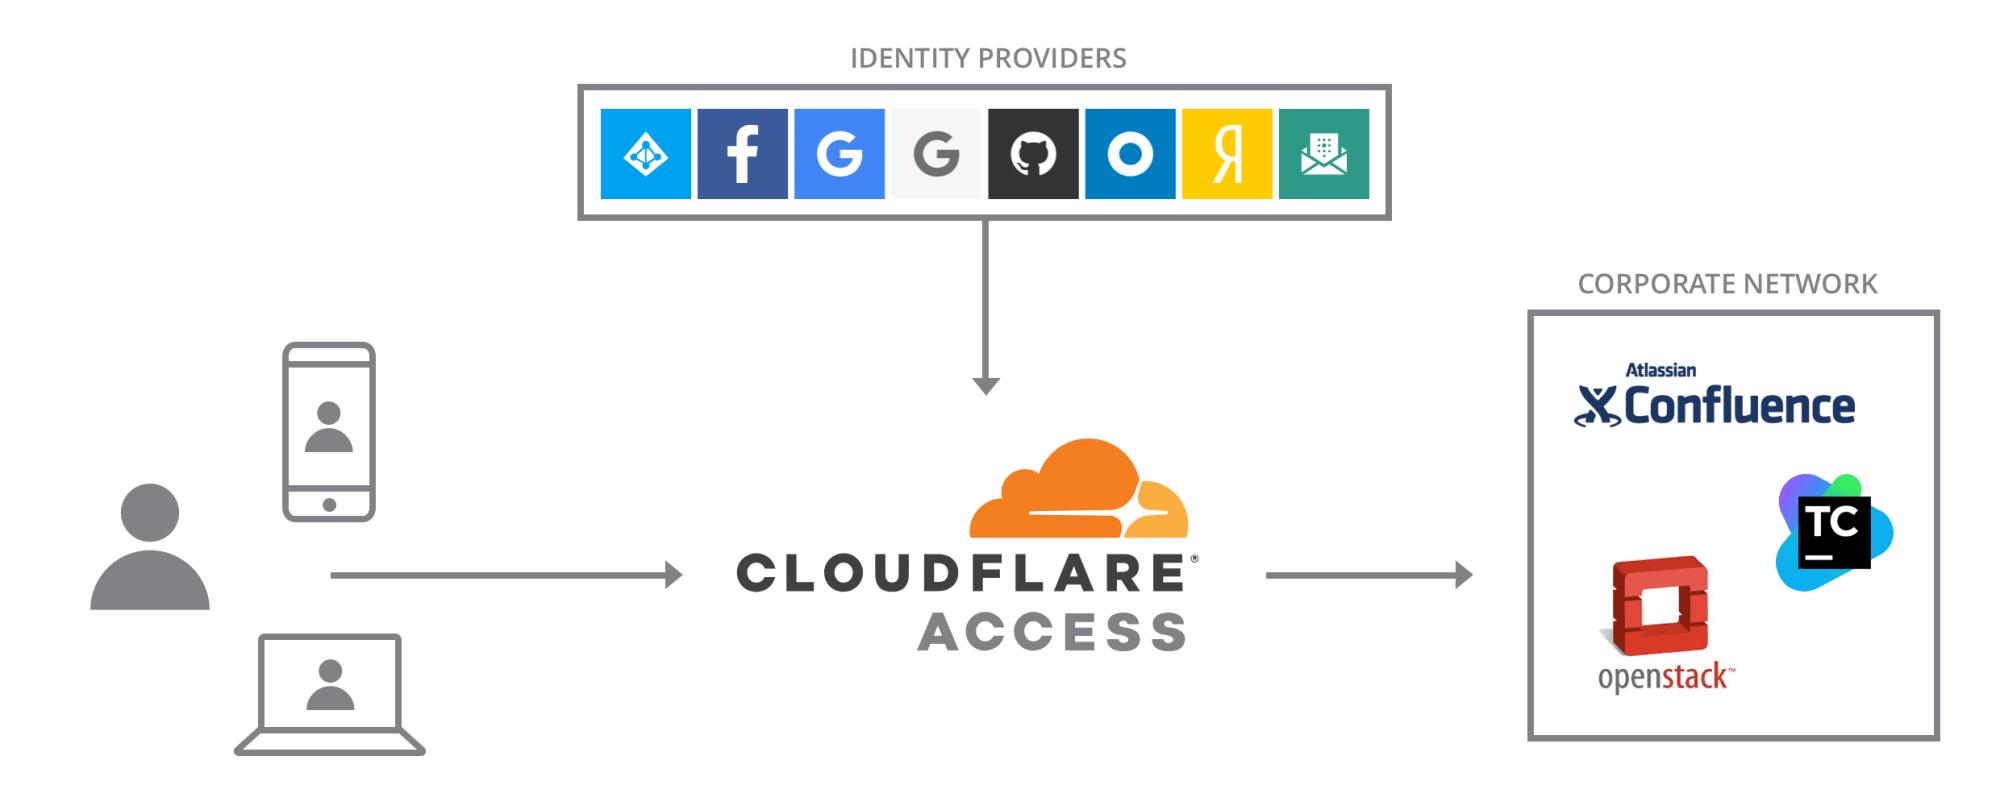 Cloudflare Access ist ein Reverse Proxy, der sichere Verbindungen zu Unternehmens-Anwendungen aufbaut und Benutzern per Authentifizierungsdienst Zugriff gestattet.